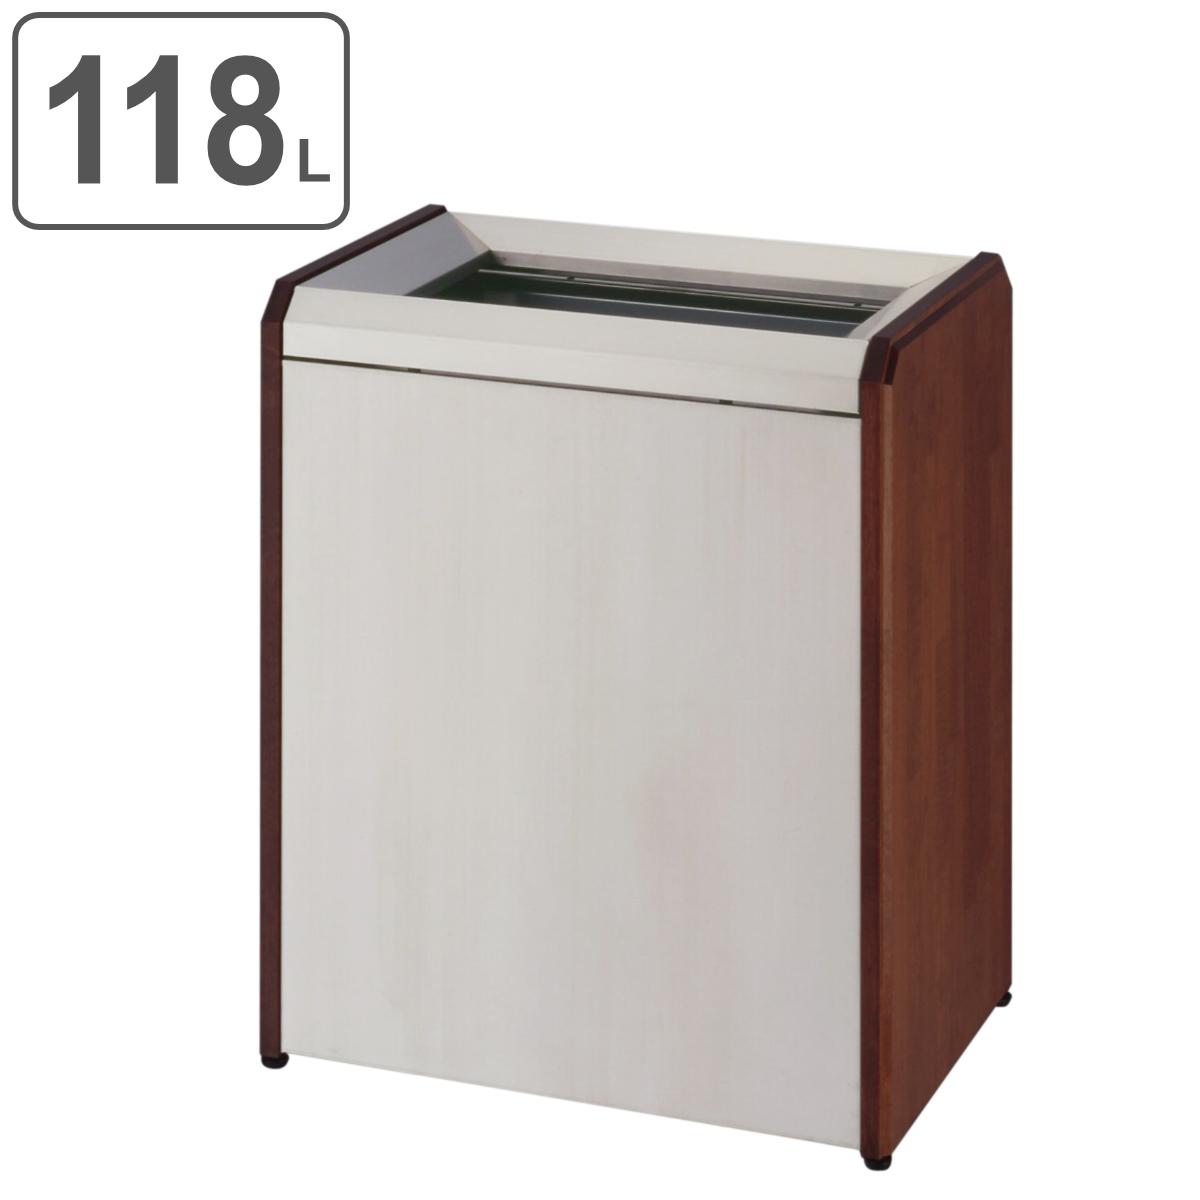 業務用ゴミ箱 屋内用 クリンダスト ステンレス/木製側板 118L ( 送料無料 ダストボックス ごみ箱 くず入れ )